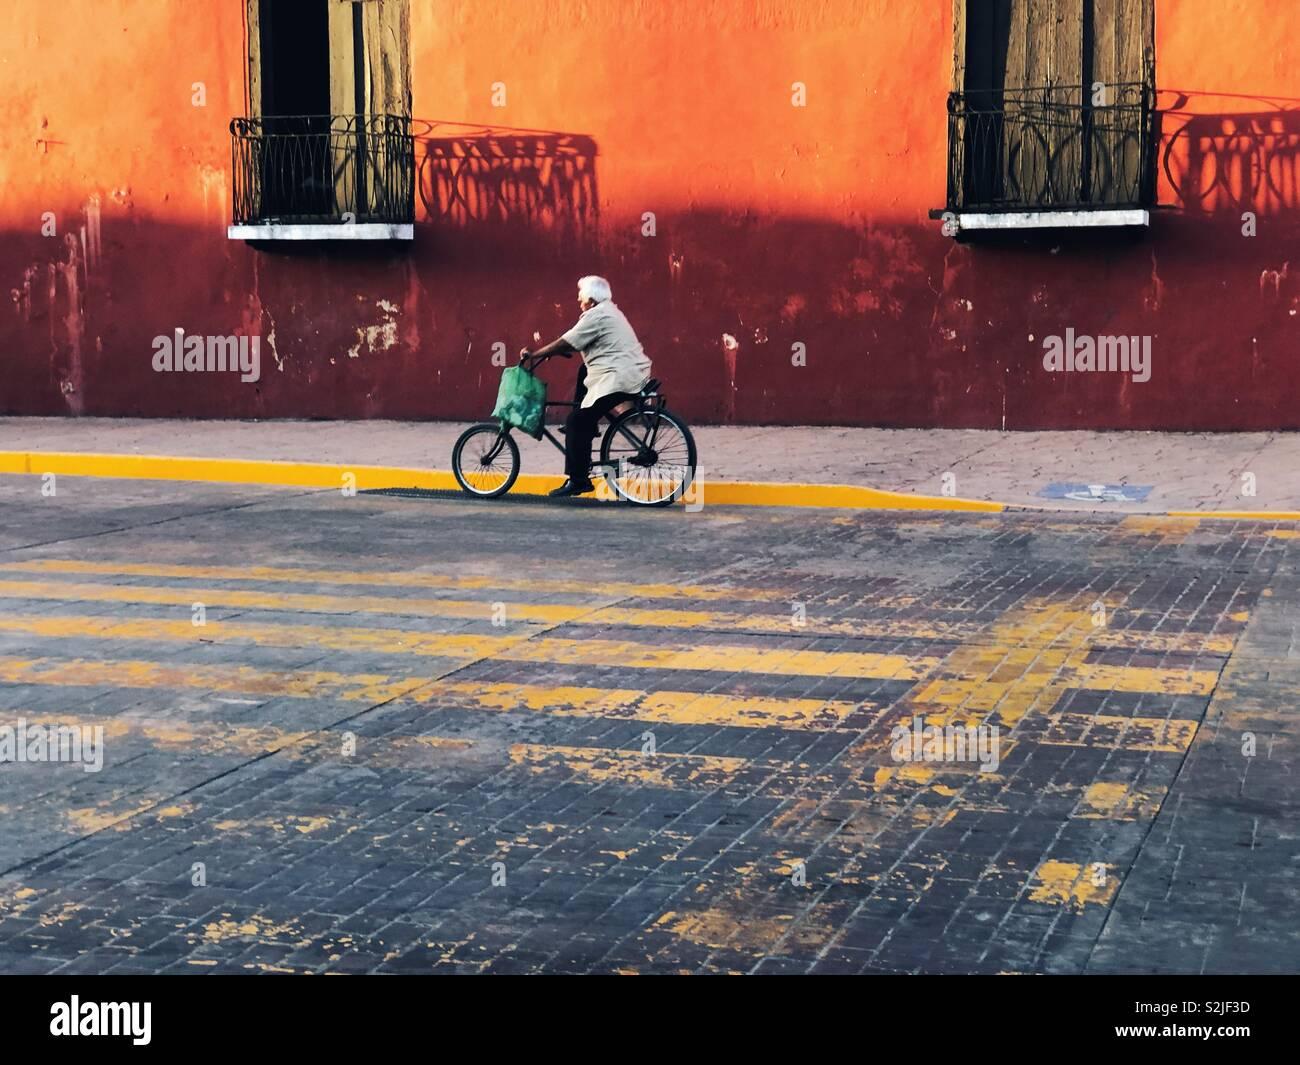 Mann auf dem Fahrrad auf der Straße ofValladolid, Mexiko Stockbild